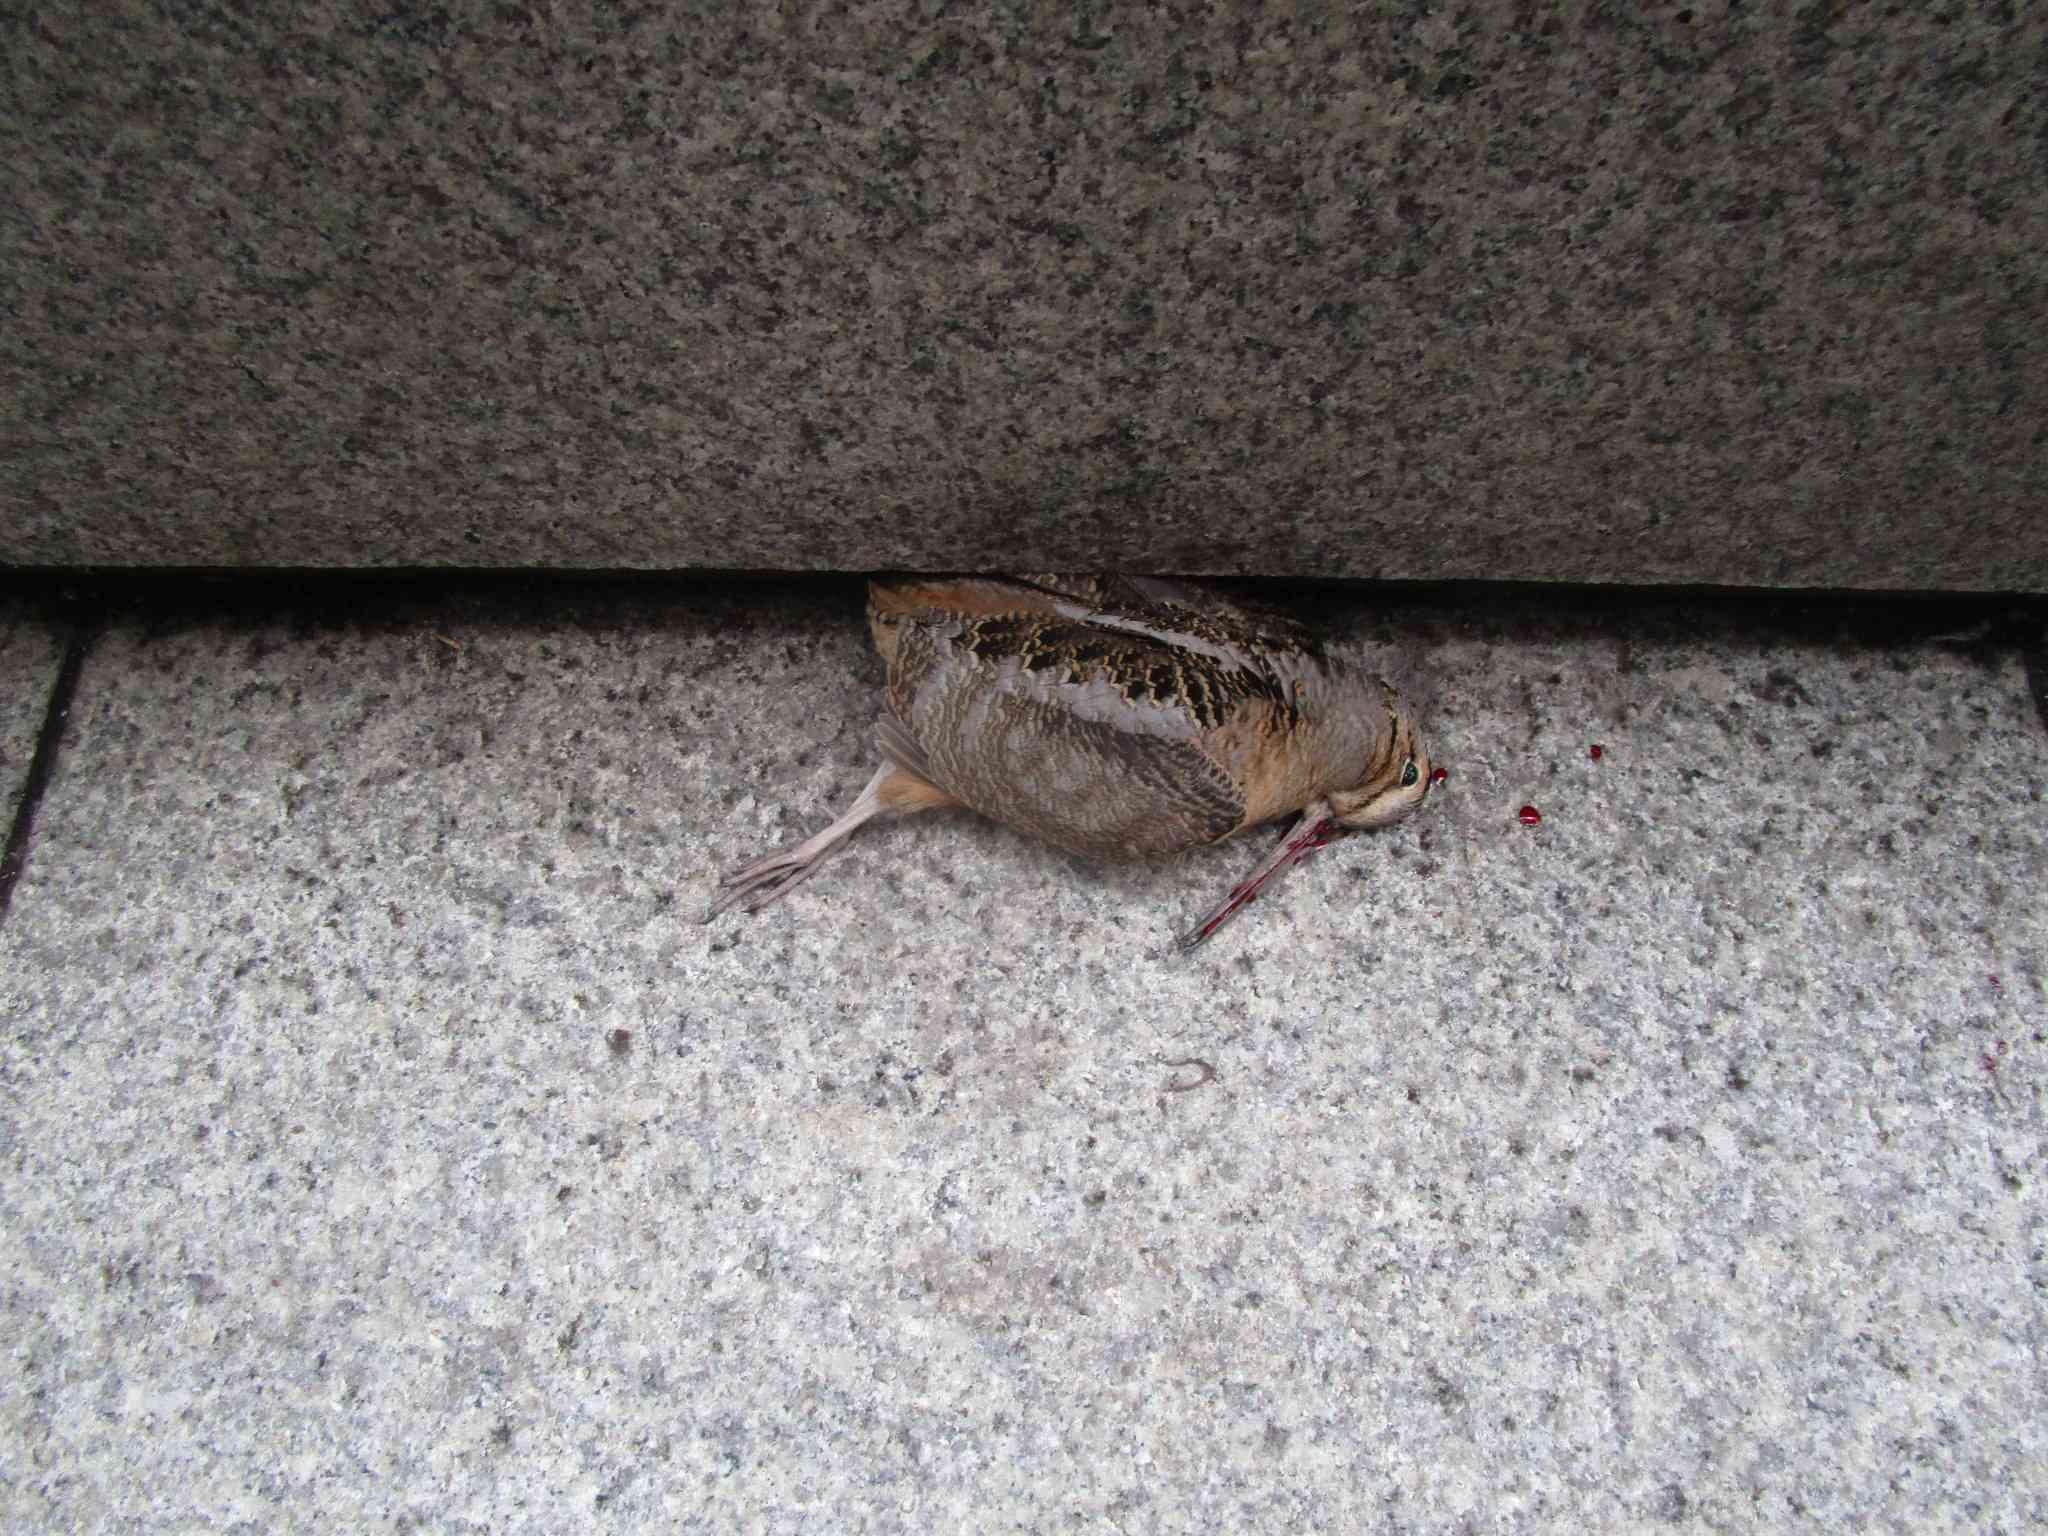 dead bird, Chicago